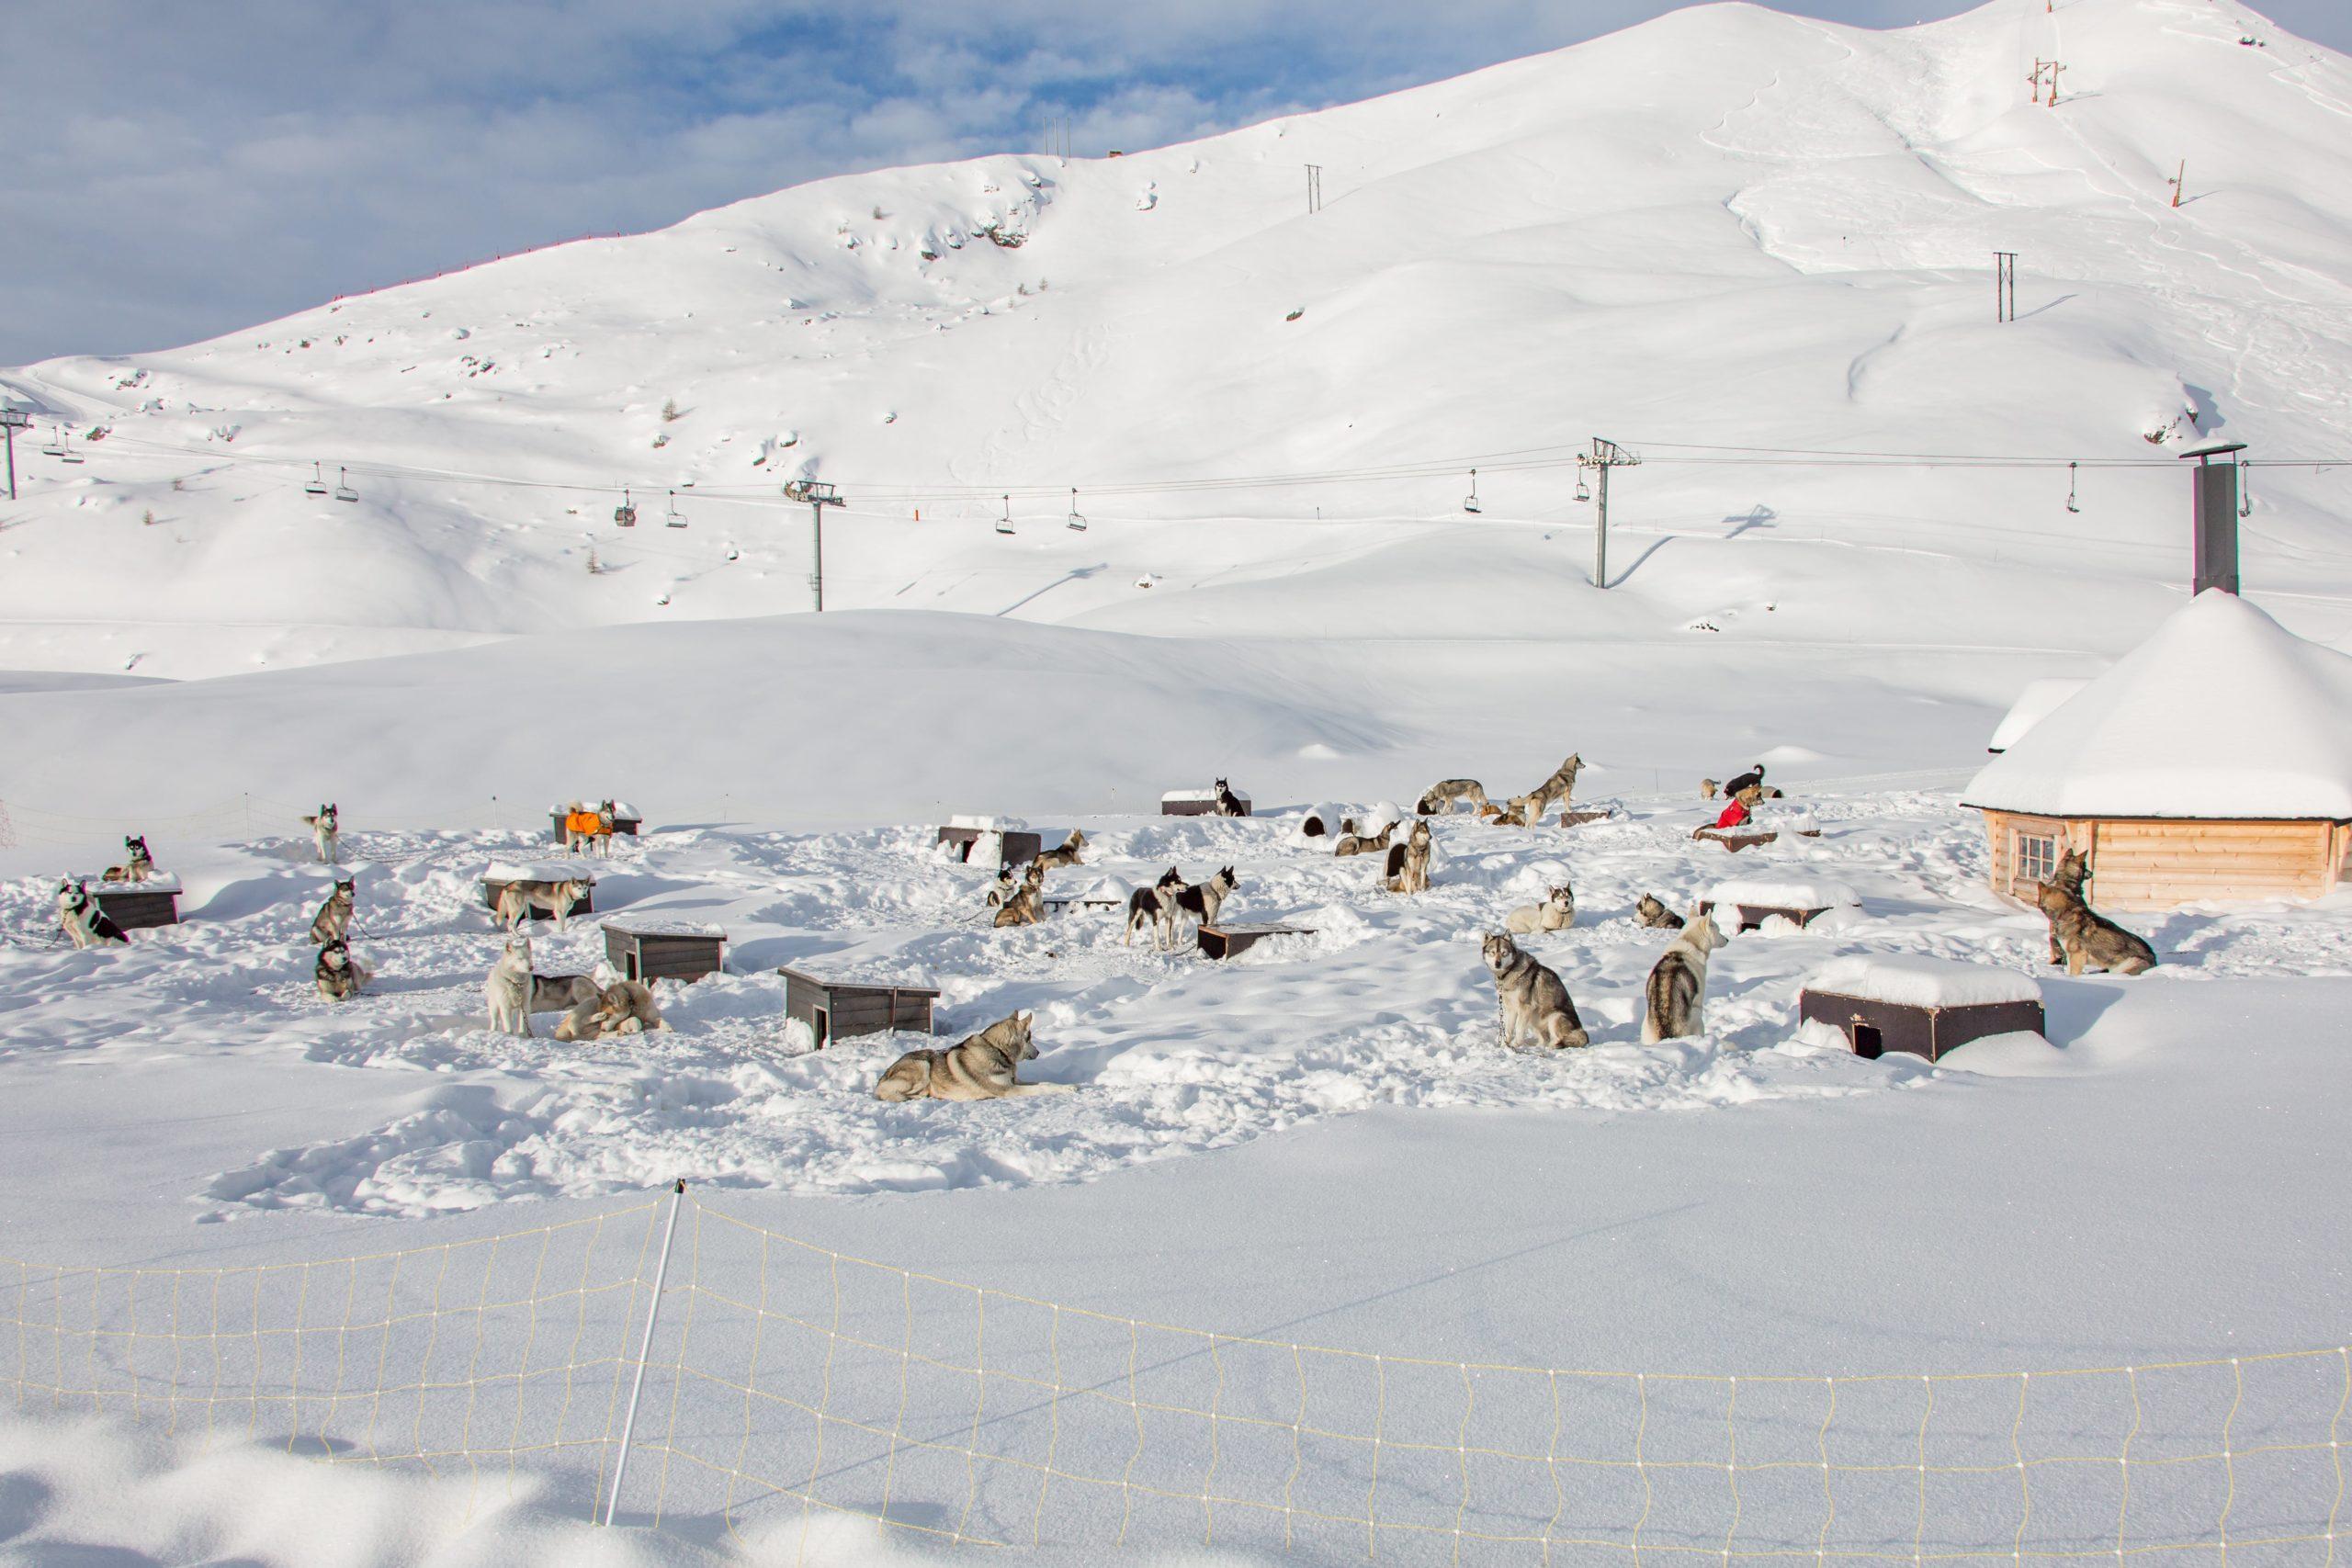 Village de Williwaw Alpi Traineau Orcieres Merlette 1850 Champsaur Hautes Alpes Alpi Traineau Chiens de traineaux